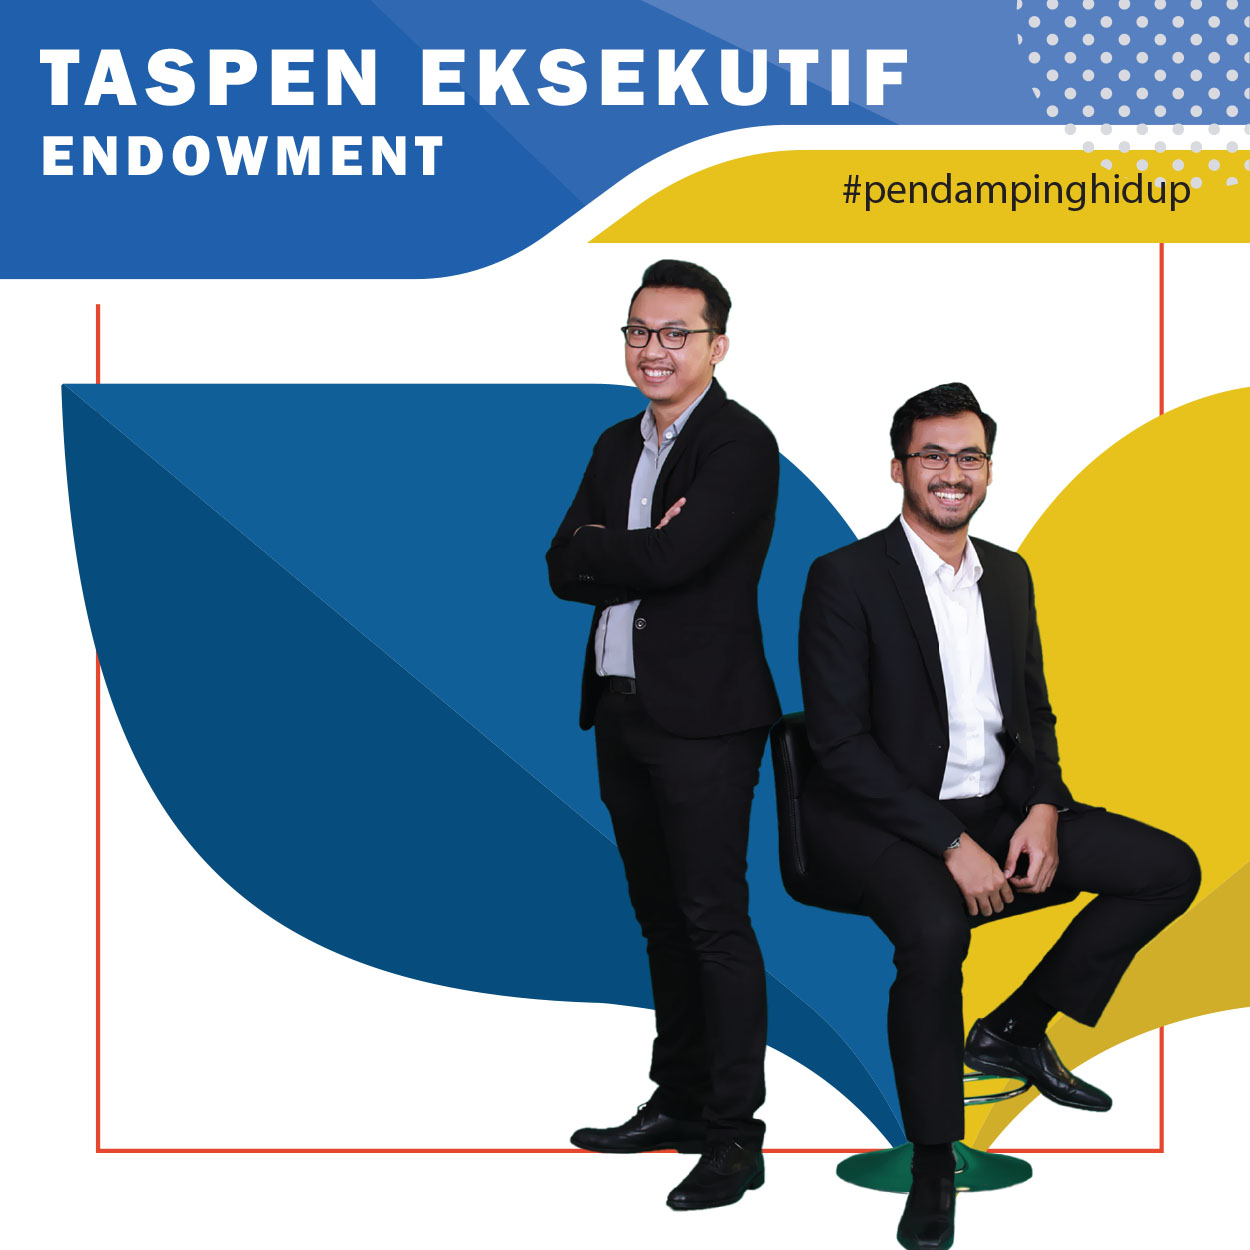 Taspen Executive Endowment